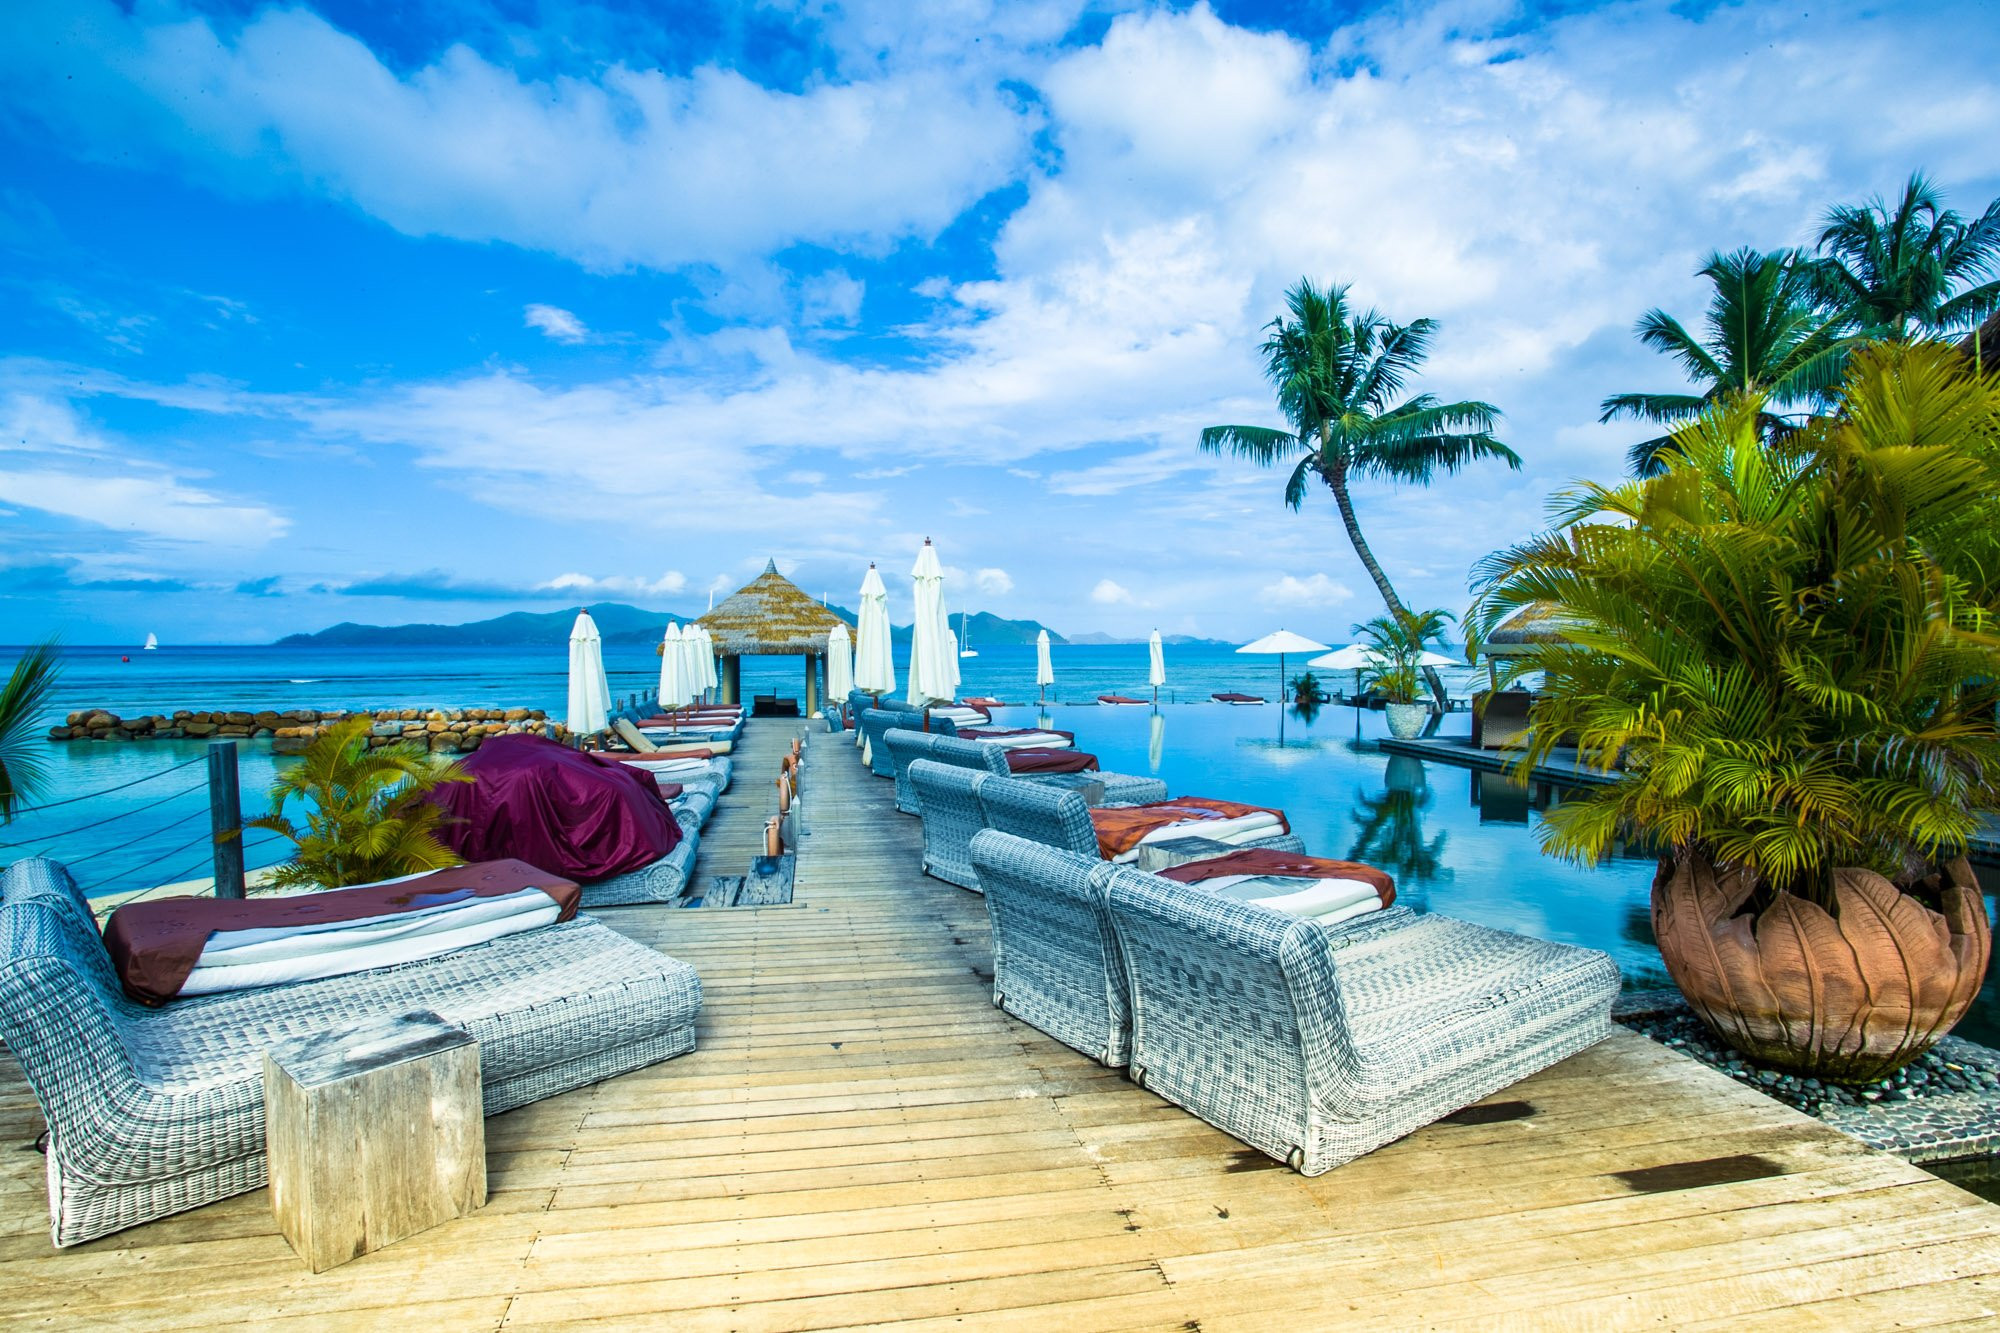 Luxury hotel pier in La digue Island, Seychelles